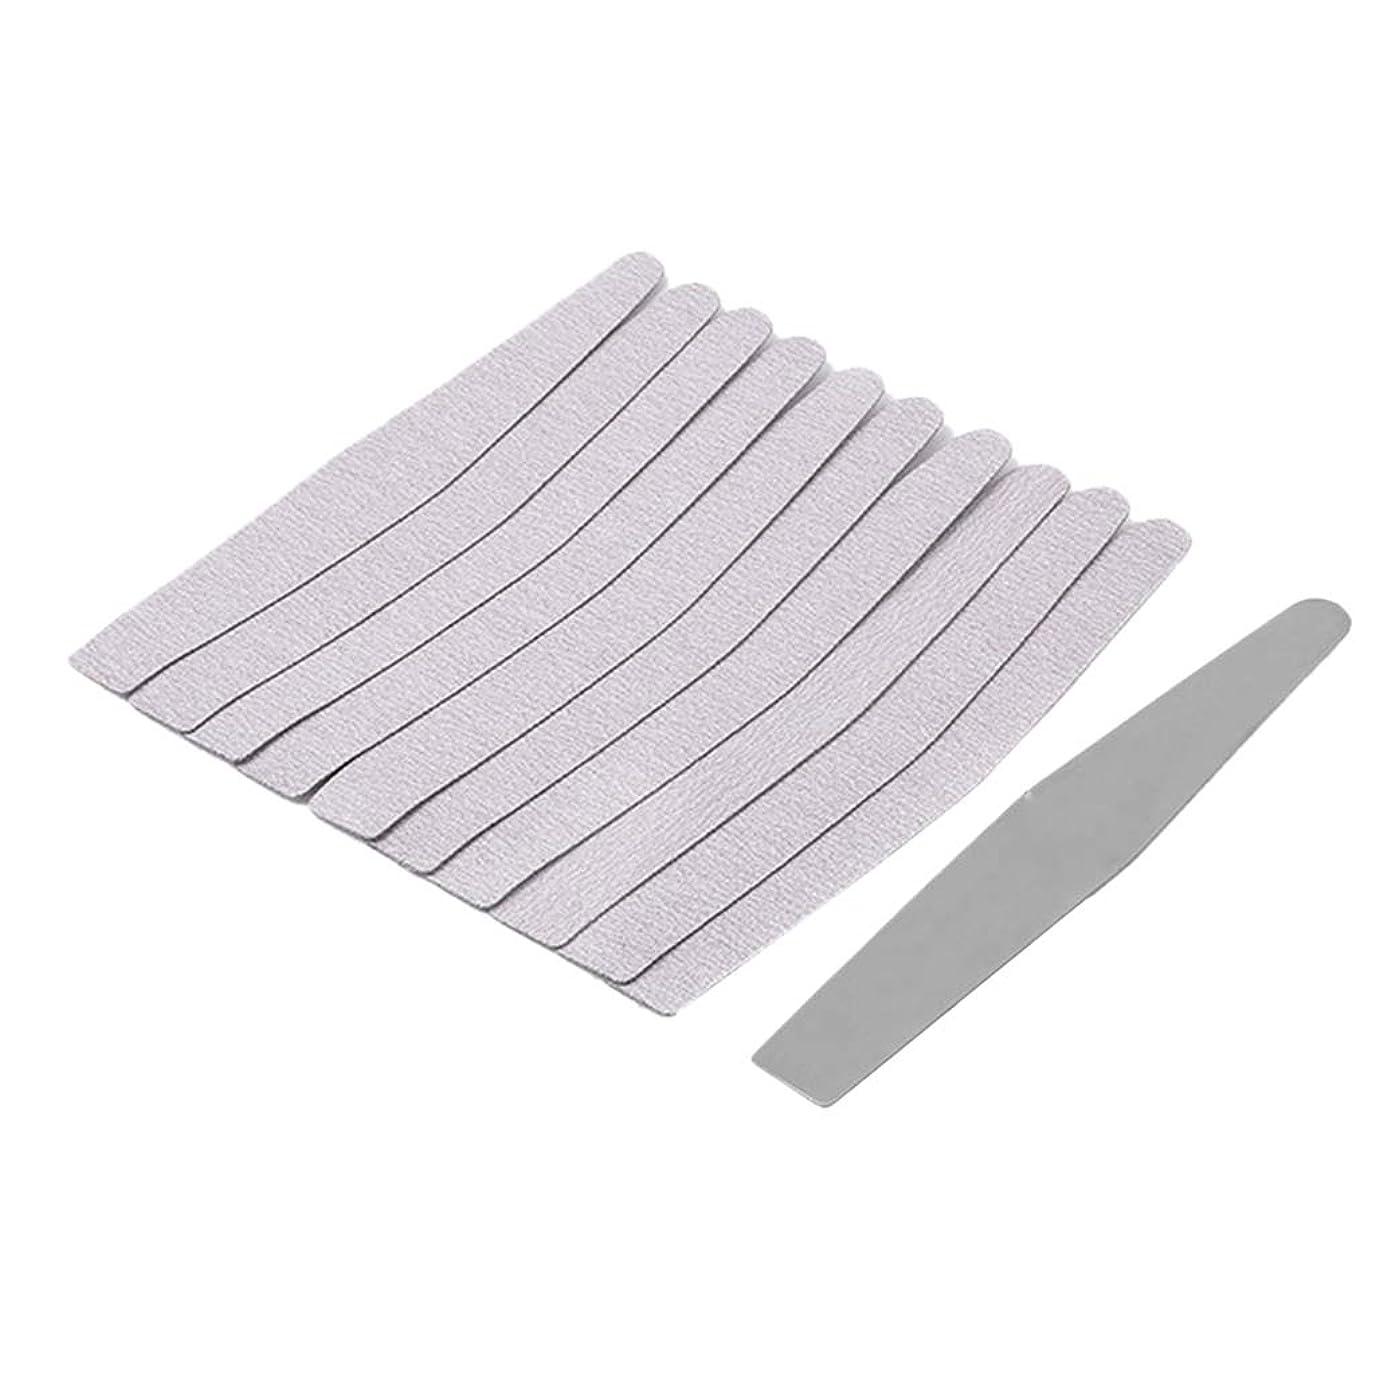 先のことを考える泥バラ色ネイルケア ネイルファイル 爪やすり ネイルバッファー 爪磨き ネイル道具 全5選択 - 02